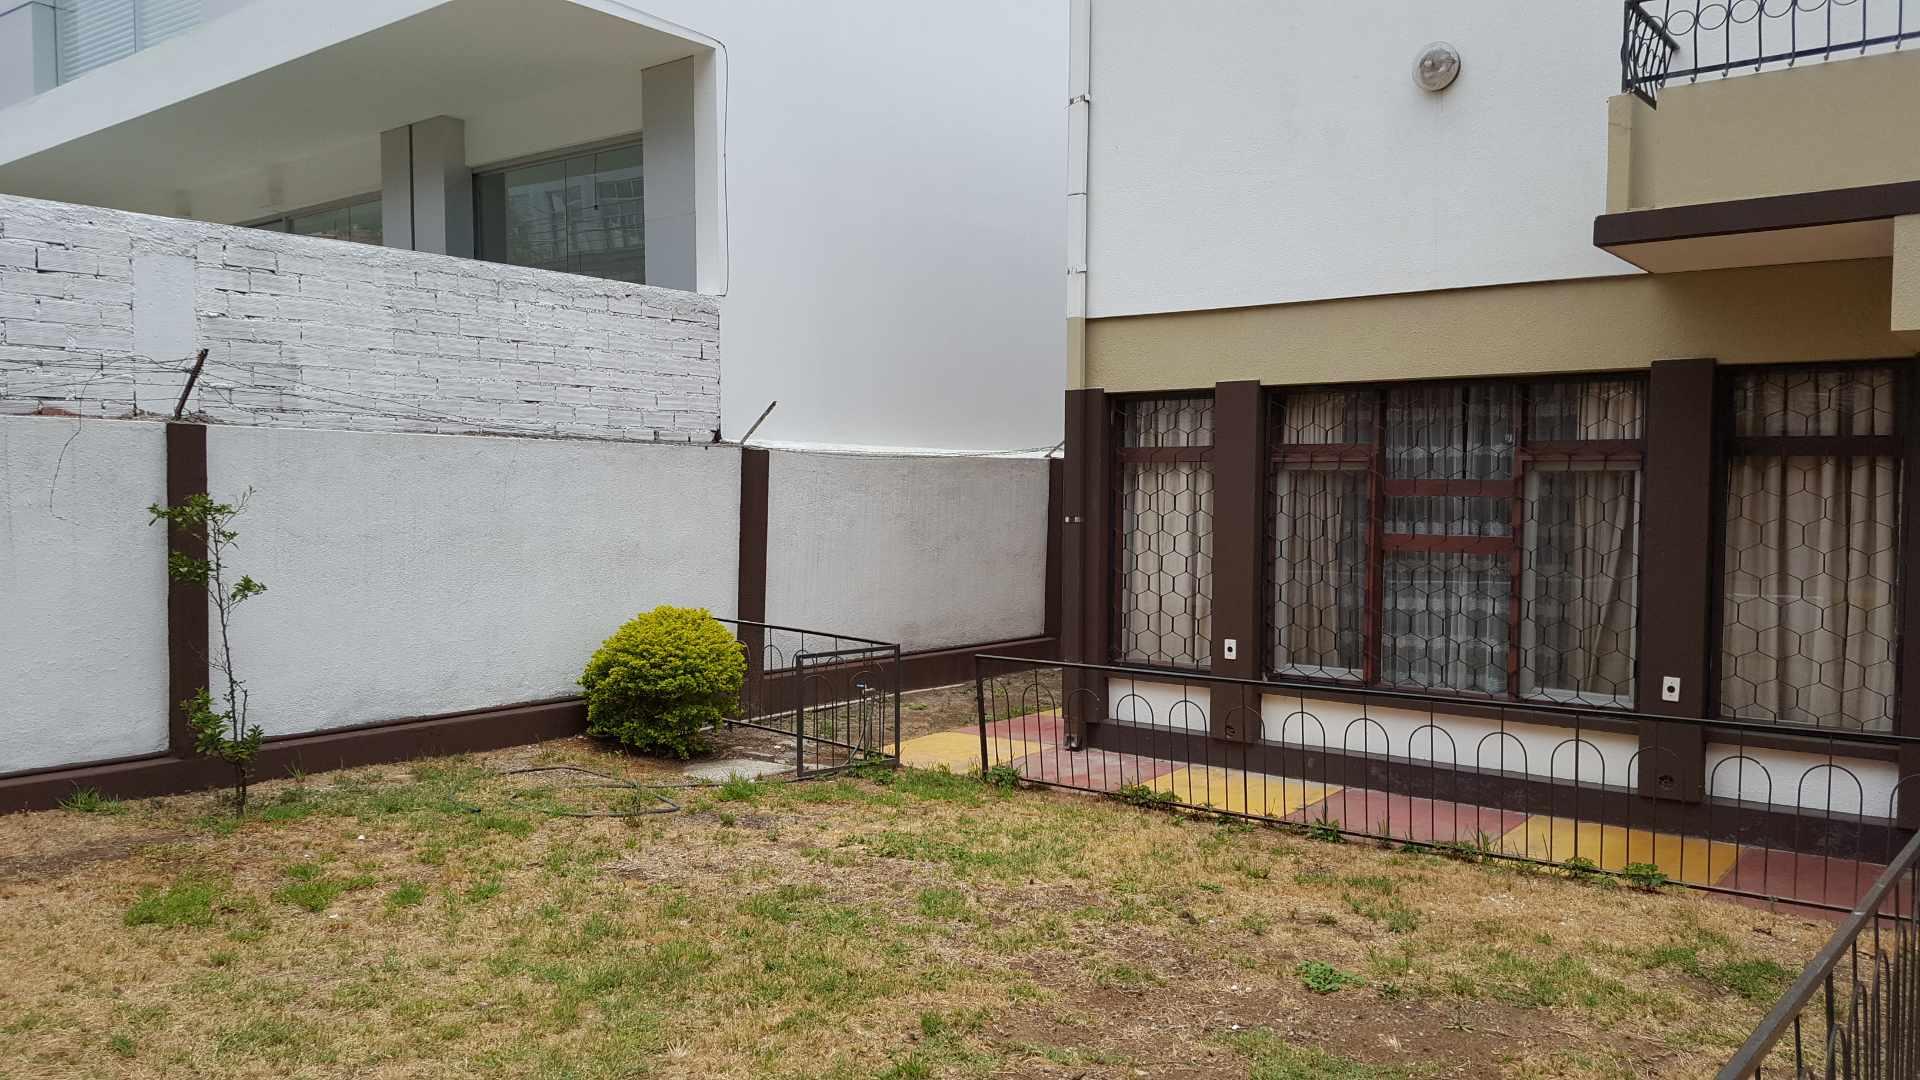 Casa en Alquiler $us.- 1.500.- ALQUILO BONITA CASA PARA OFICINAS/EMPRESA -  AV. PORTALES ENTRE SANTA CRUZ Y POTOSÍ - CEL: 707-58508 Foto 4